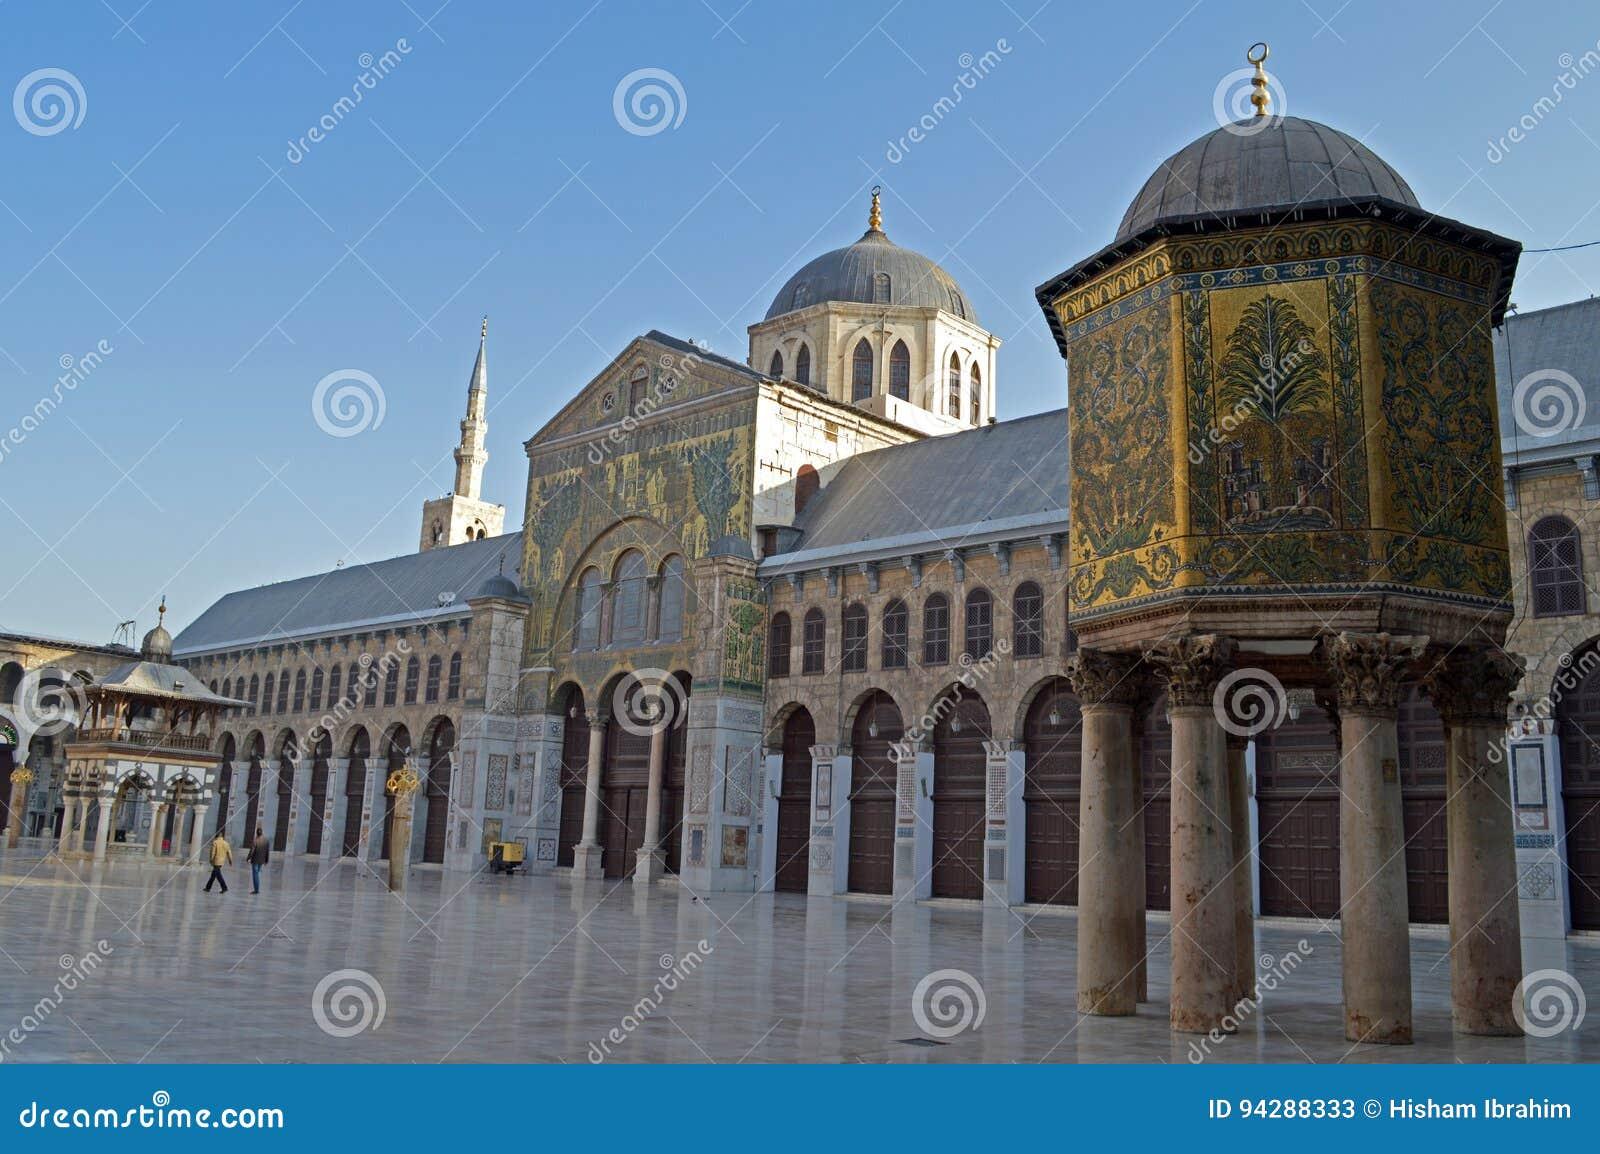 Umayyad Mosque stock image  Image of dome, architecture